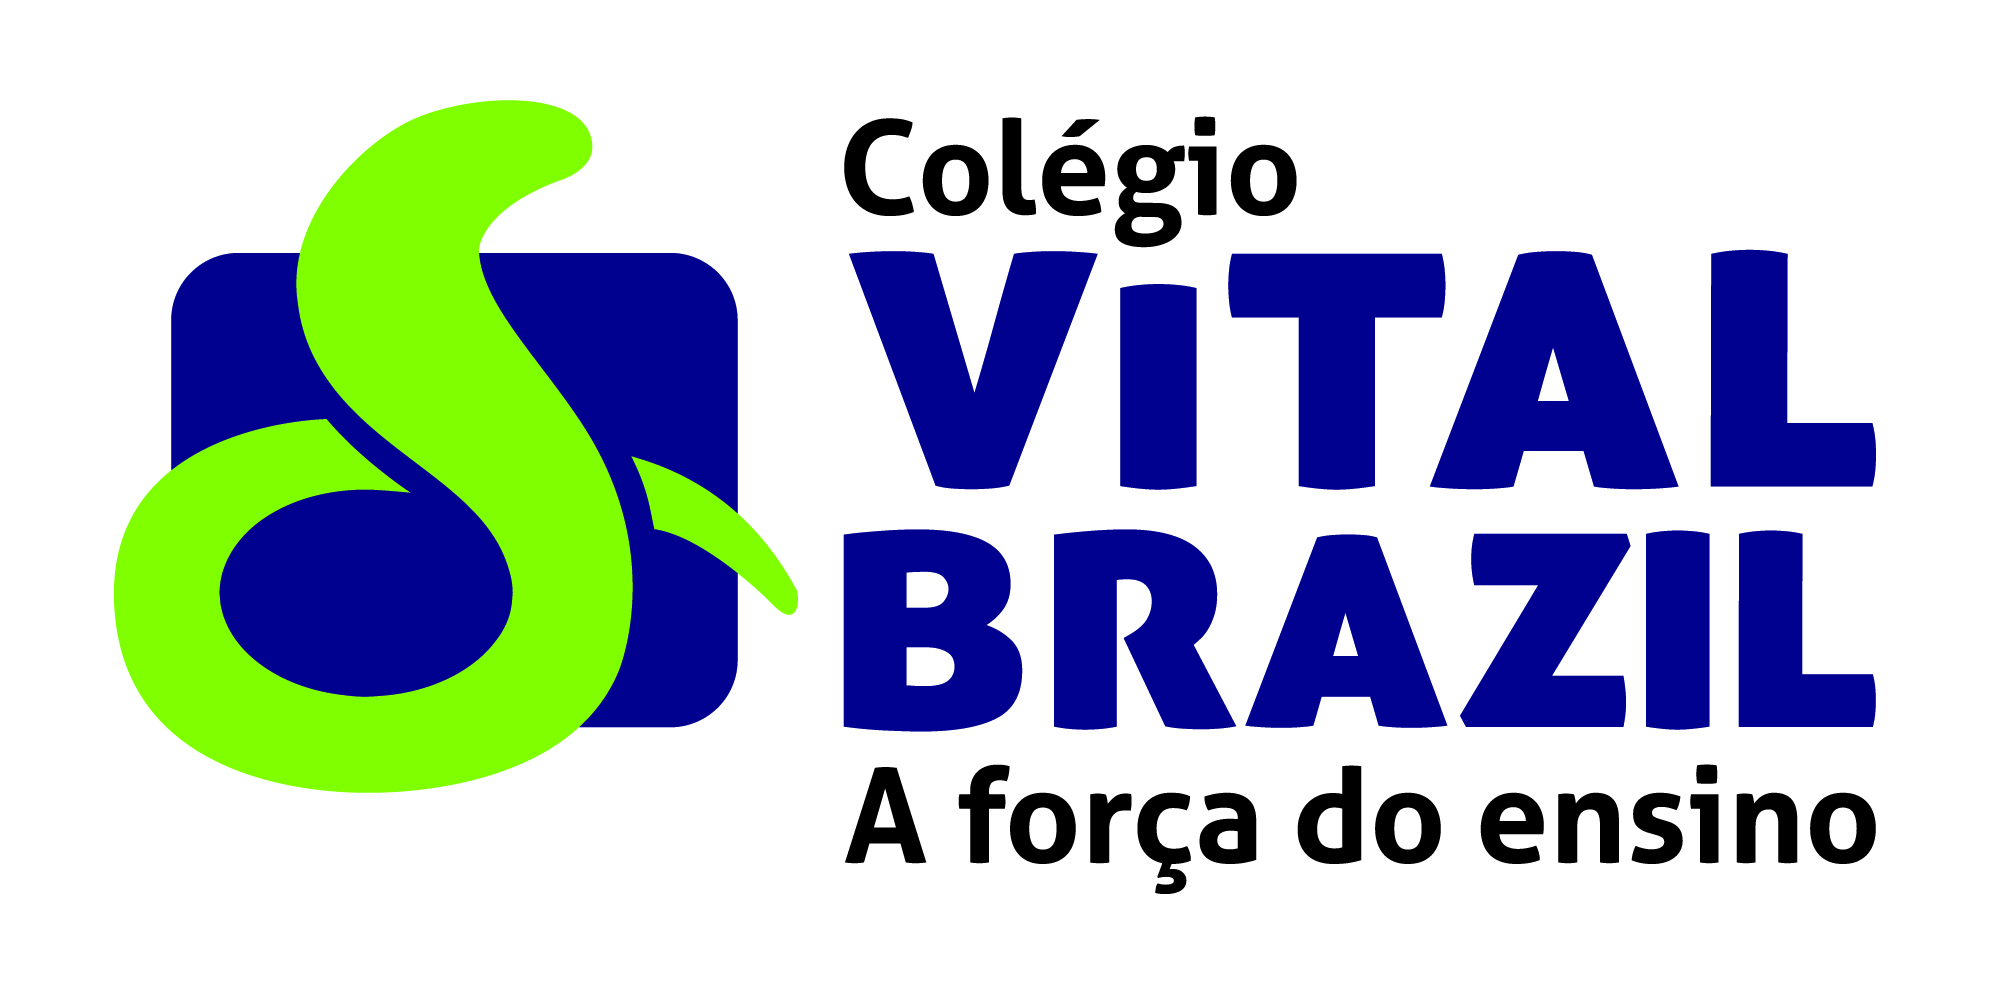 Descrição da imagem: logotipo do Colégio Vital Brazil